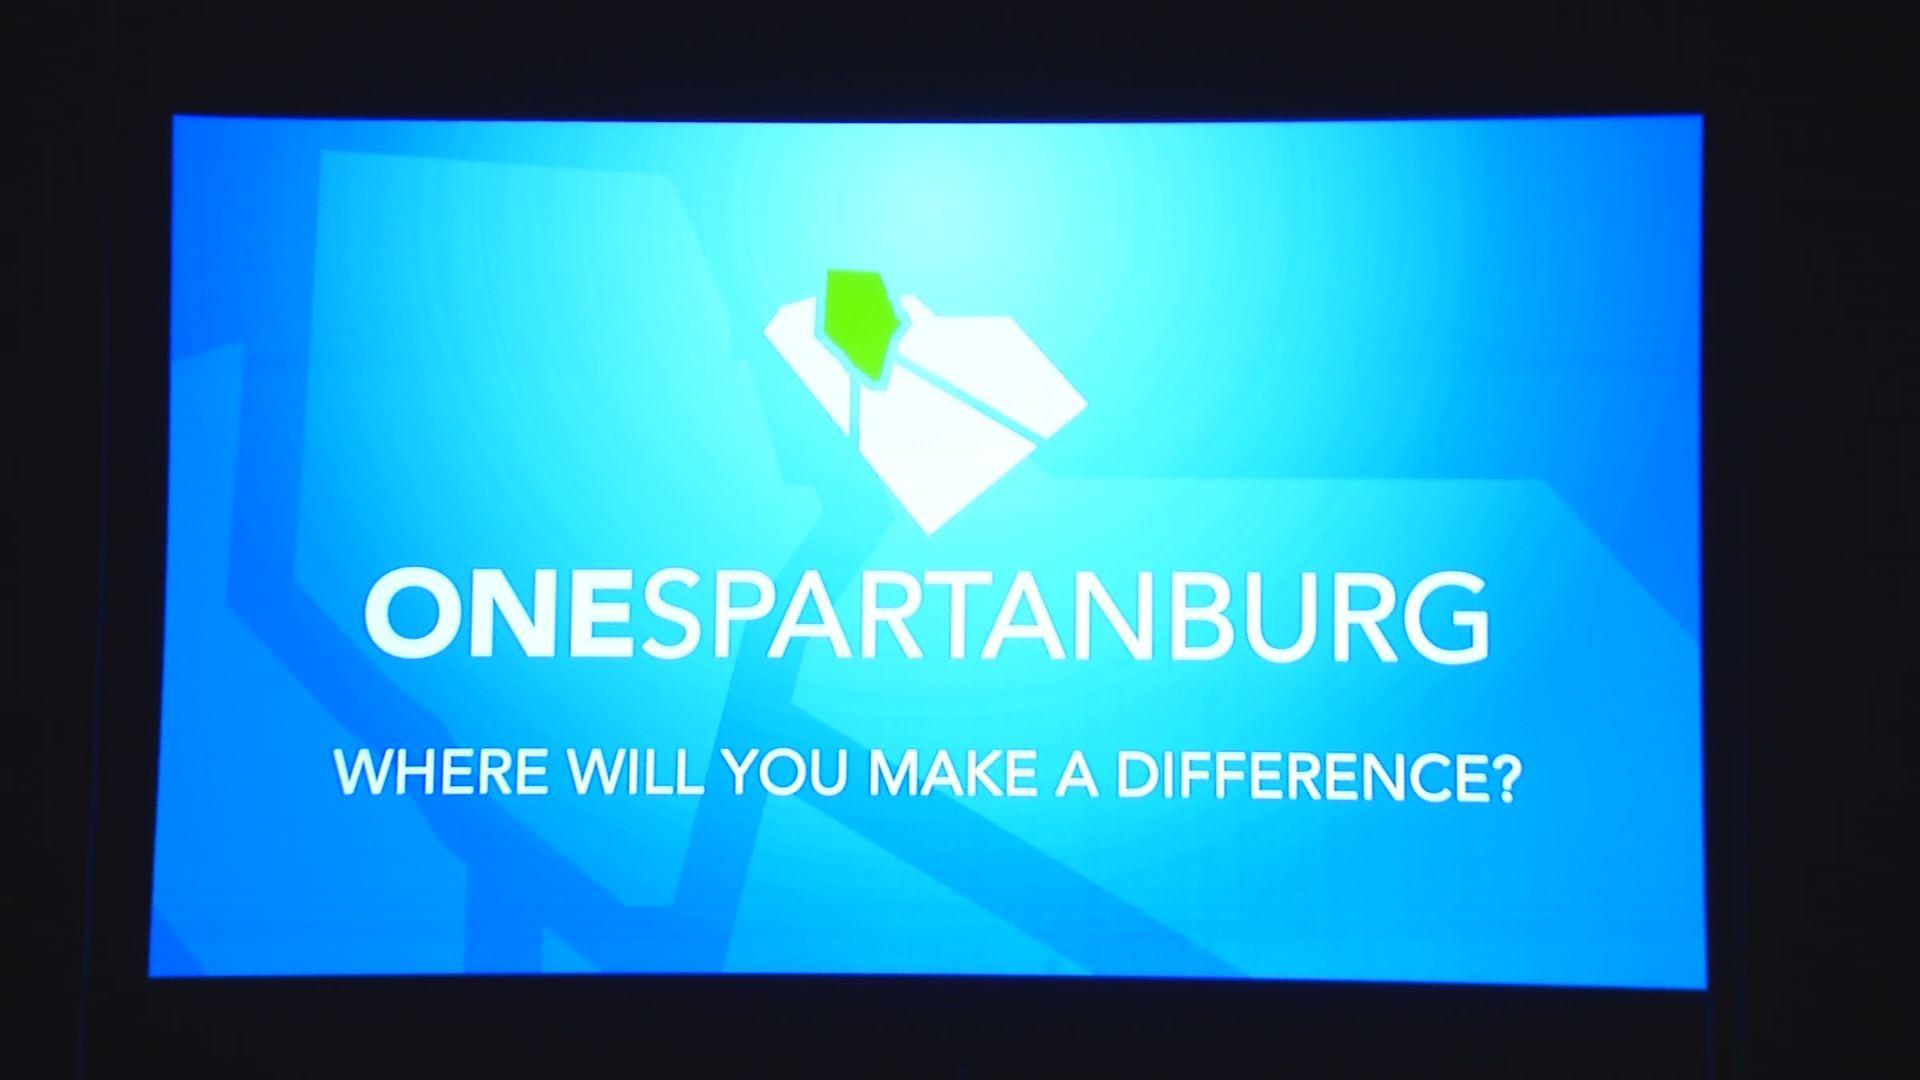 one-spartanburg_308135